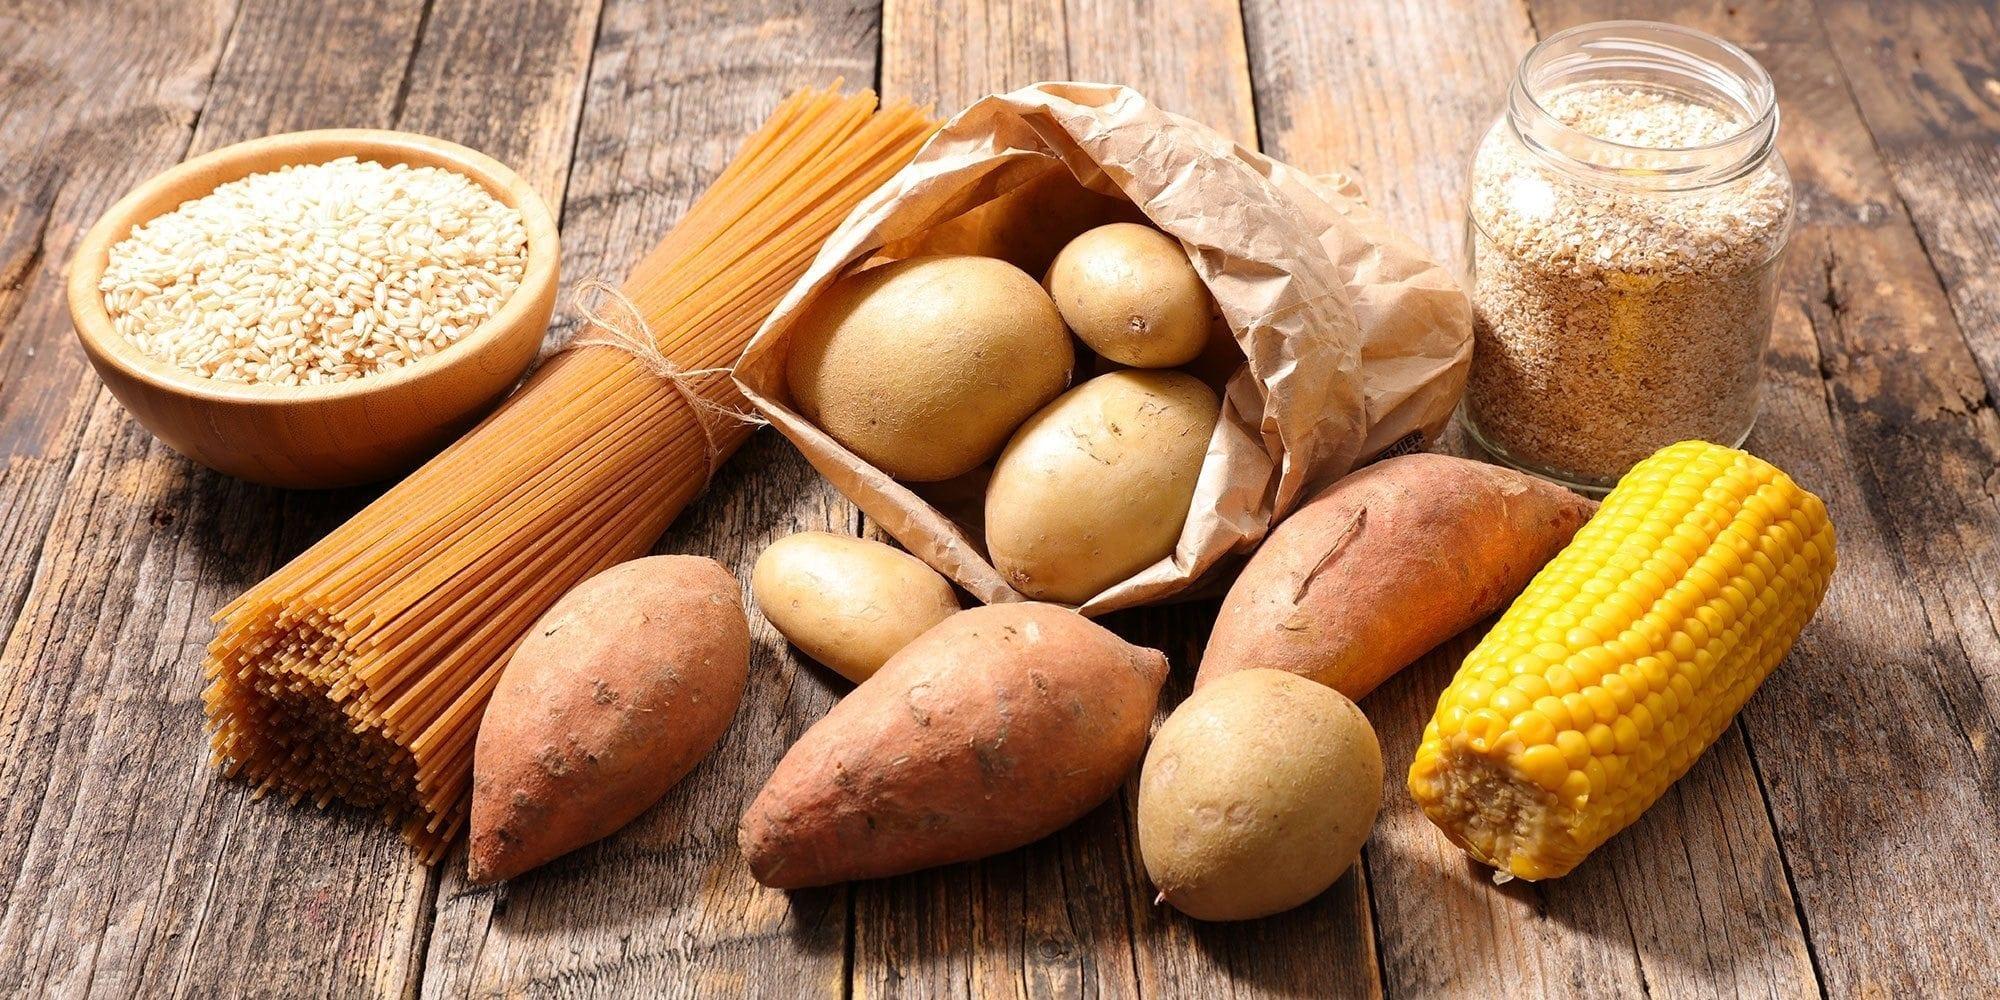 koolhydraatarm dieet hoeveel koolhydraten per dag